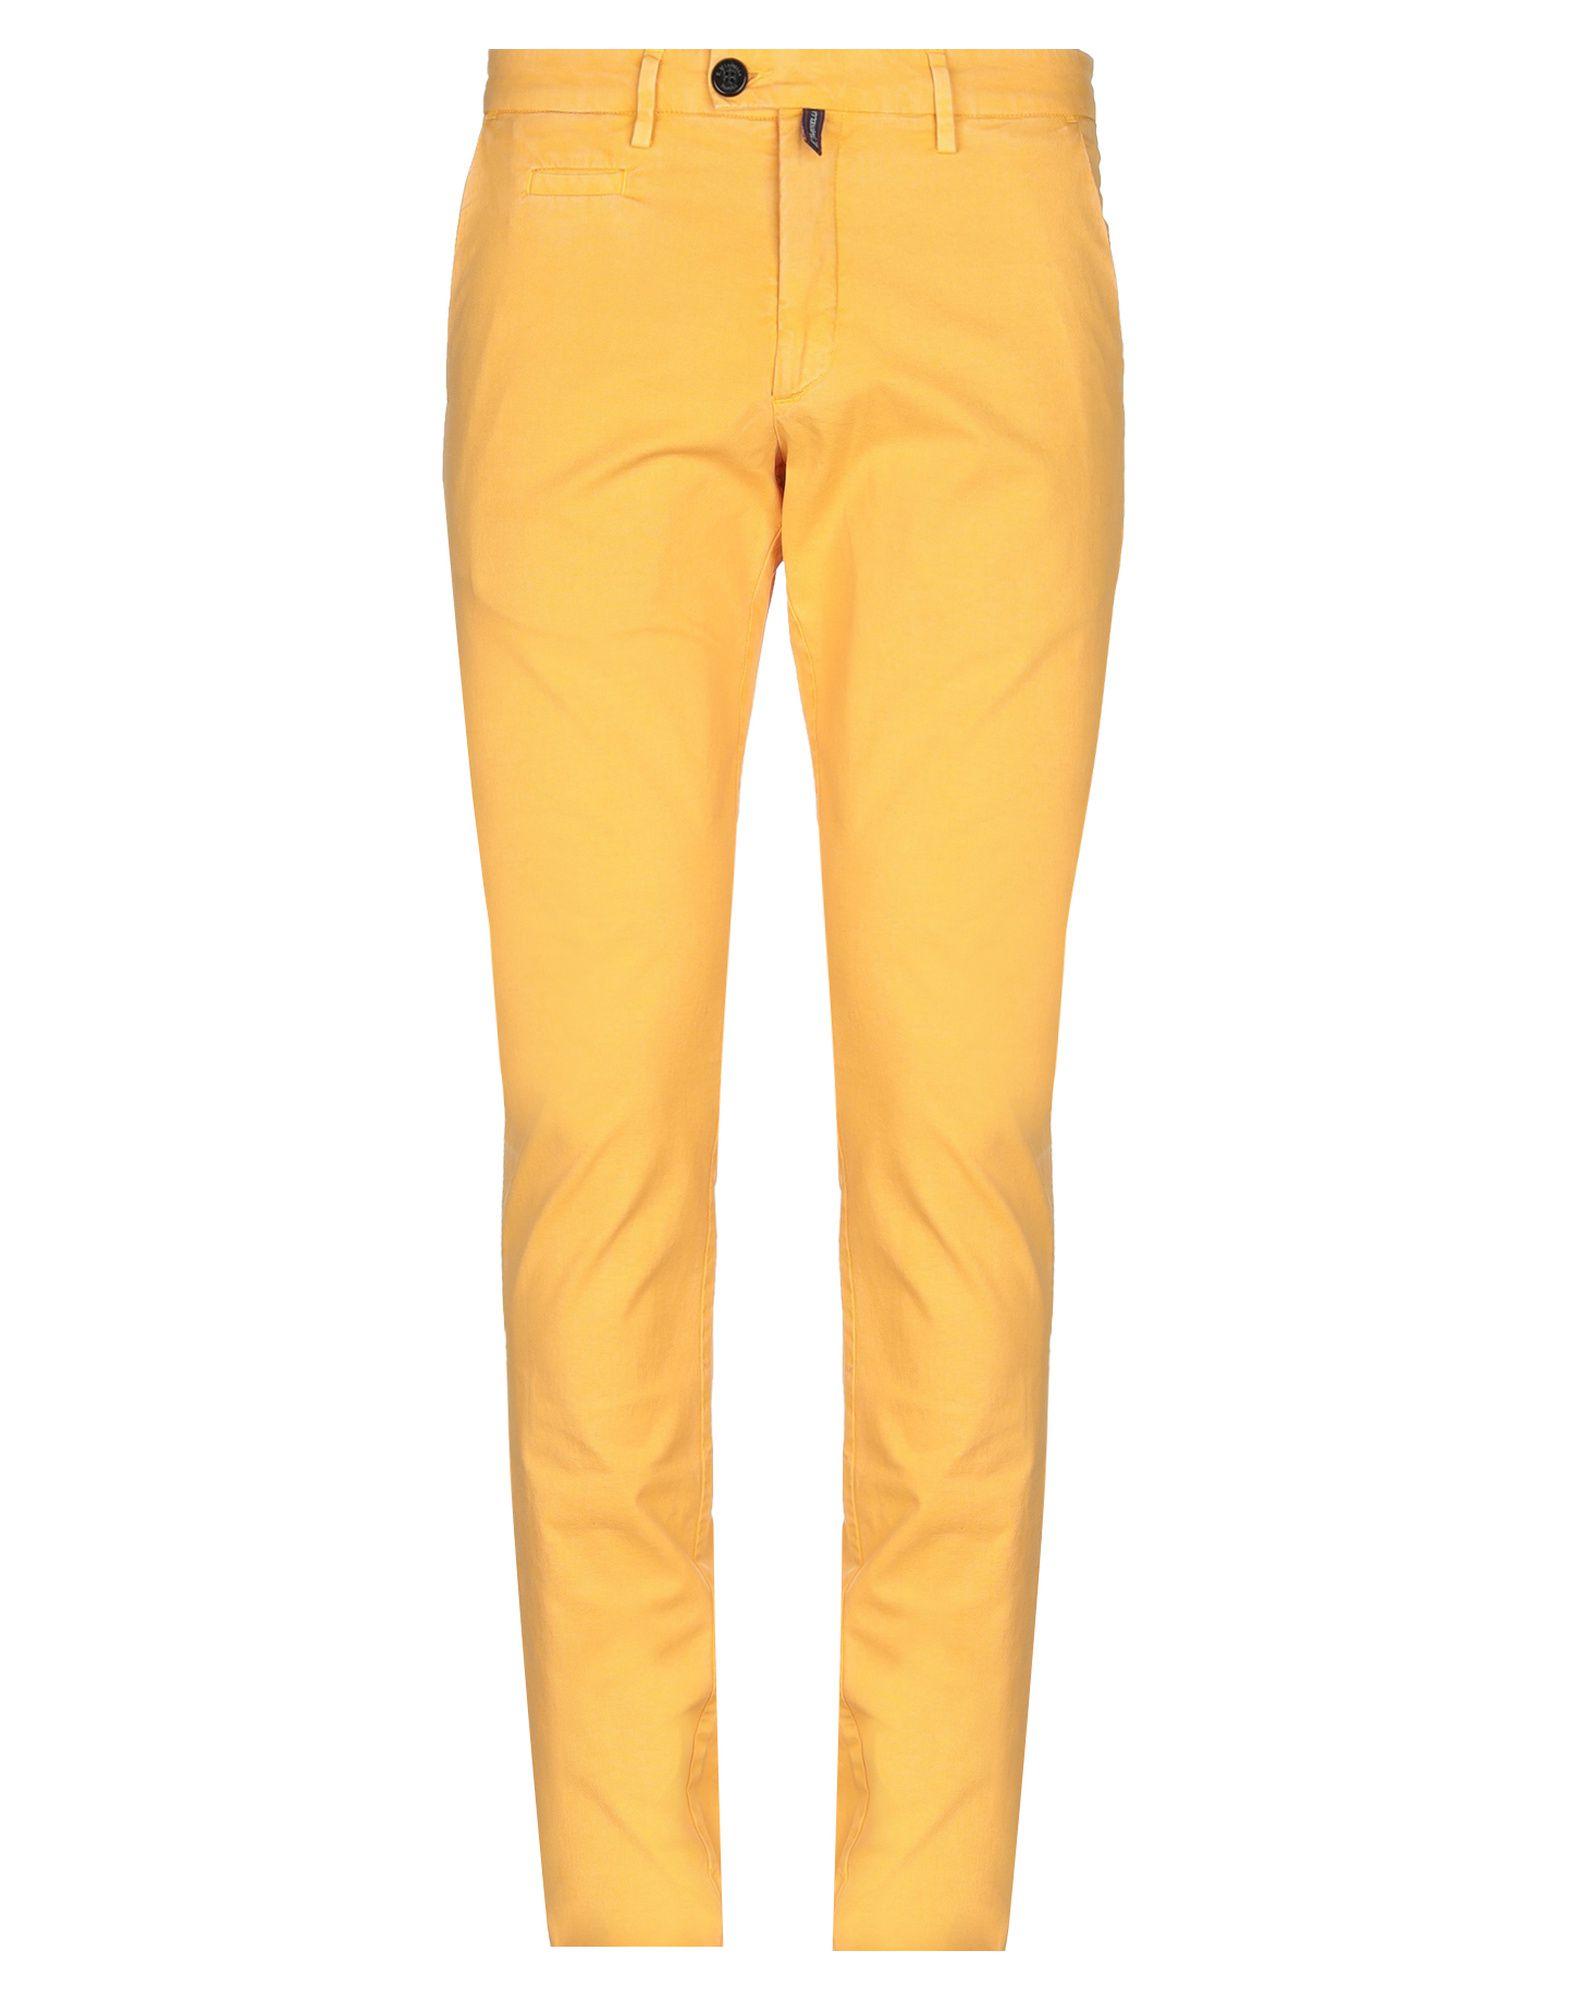 《セール開催中》E.MARINELLA メンズ パンツ あんず色 32 コットン 98% / ポリウレタン 2%